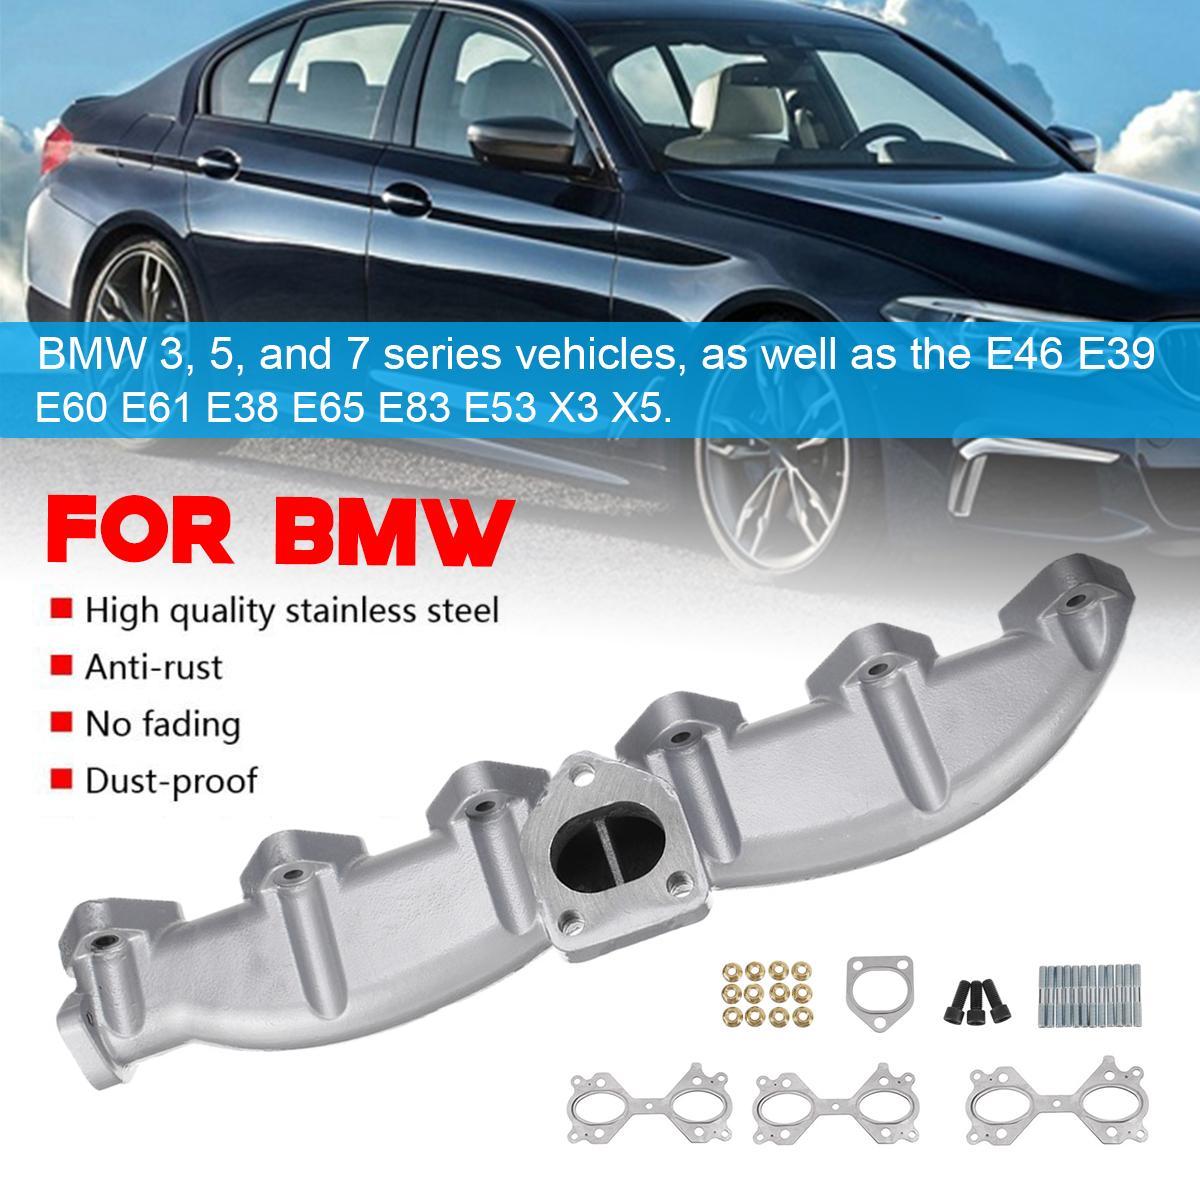 Speeding Car Cast Iron Exhaust Manifold Kit For BMW E46 E39 E60 E61 E38 E65  E83 E53 3 5 7